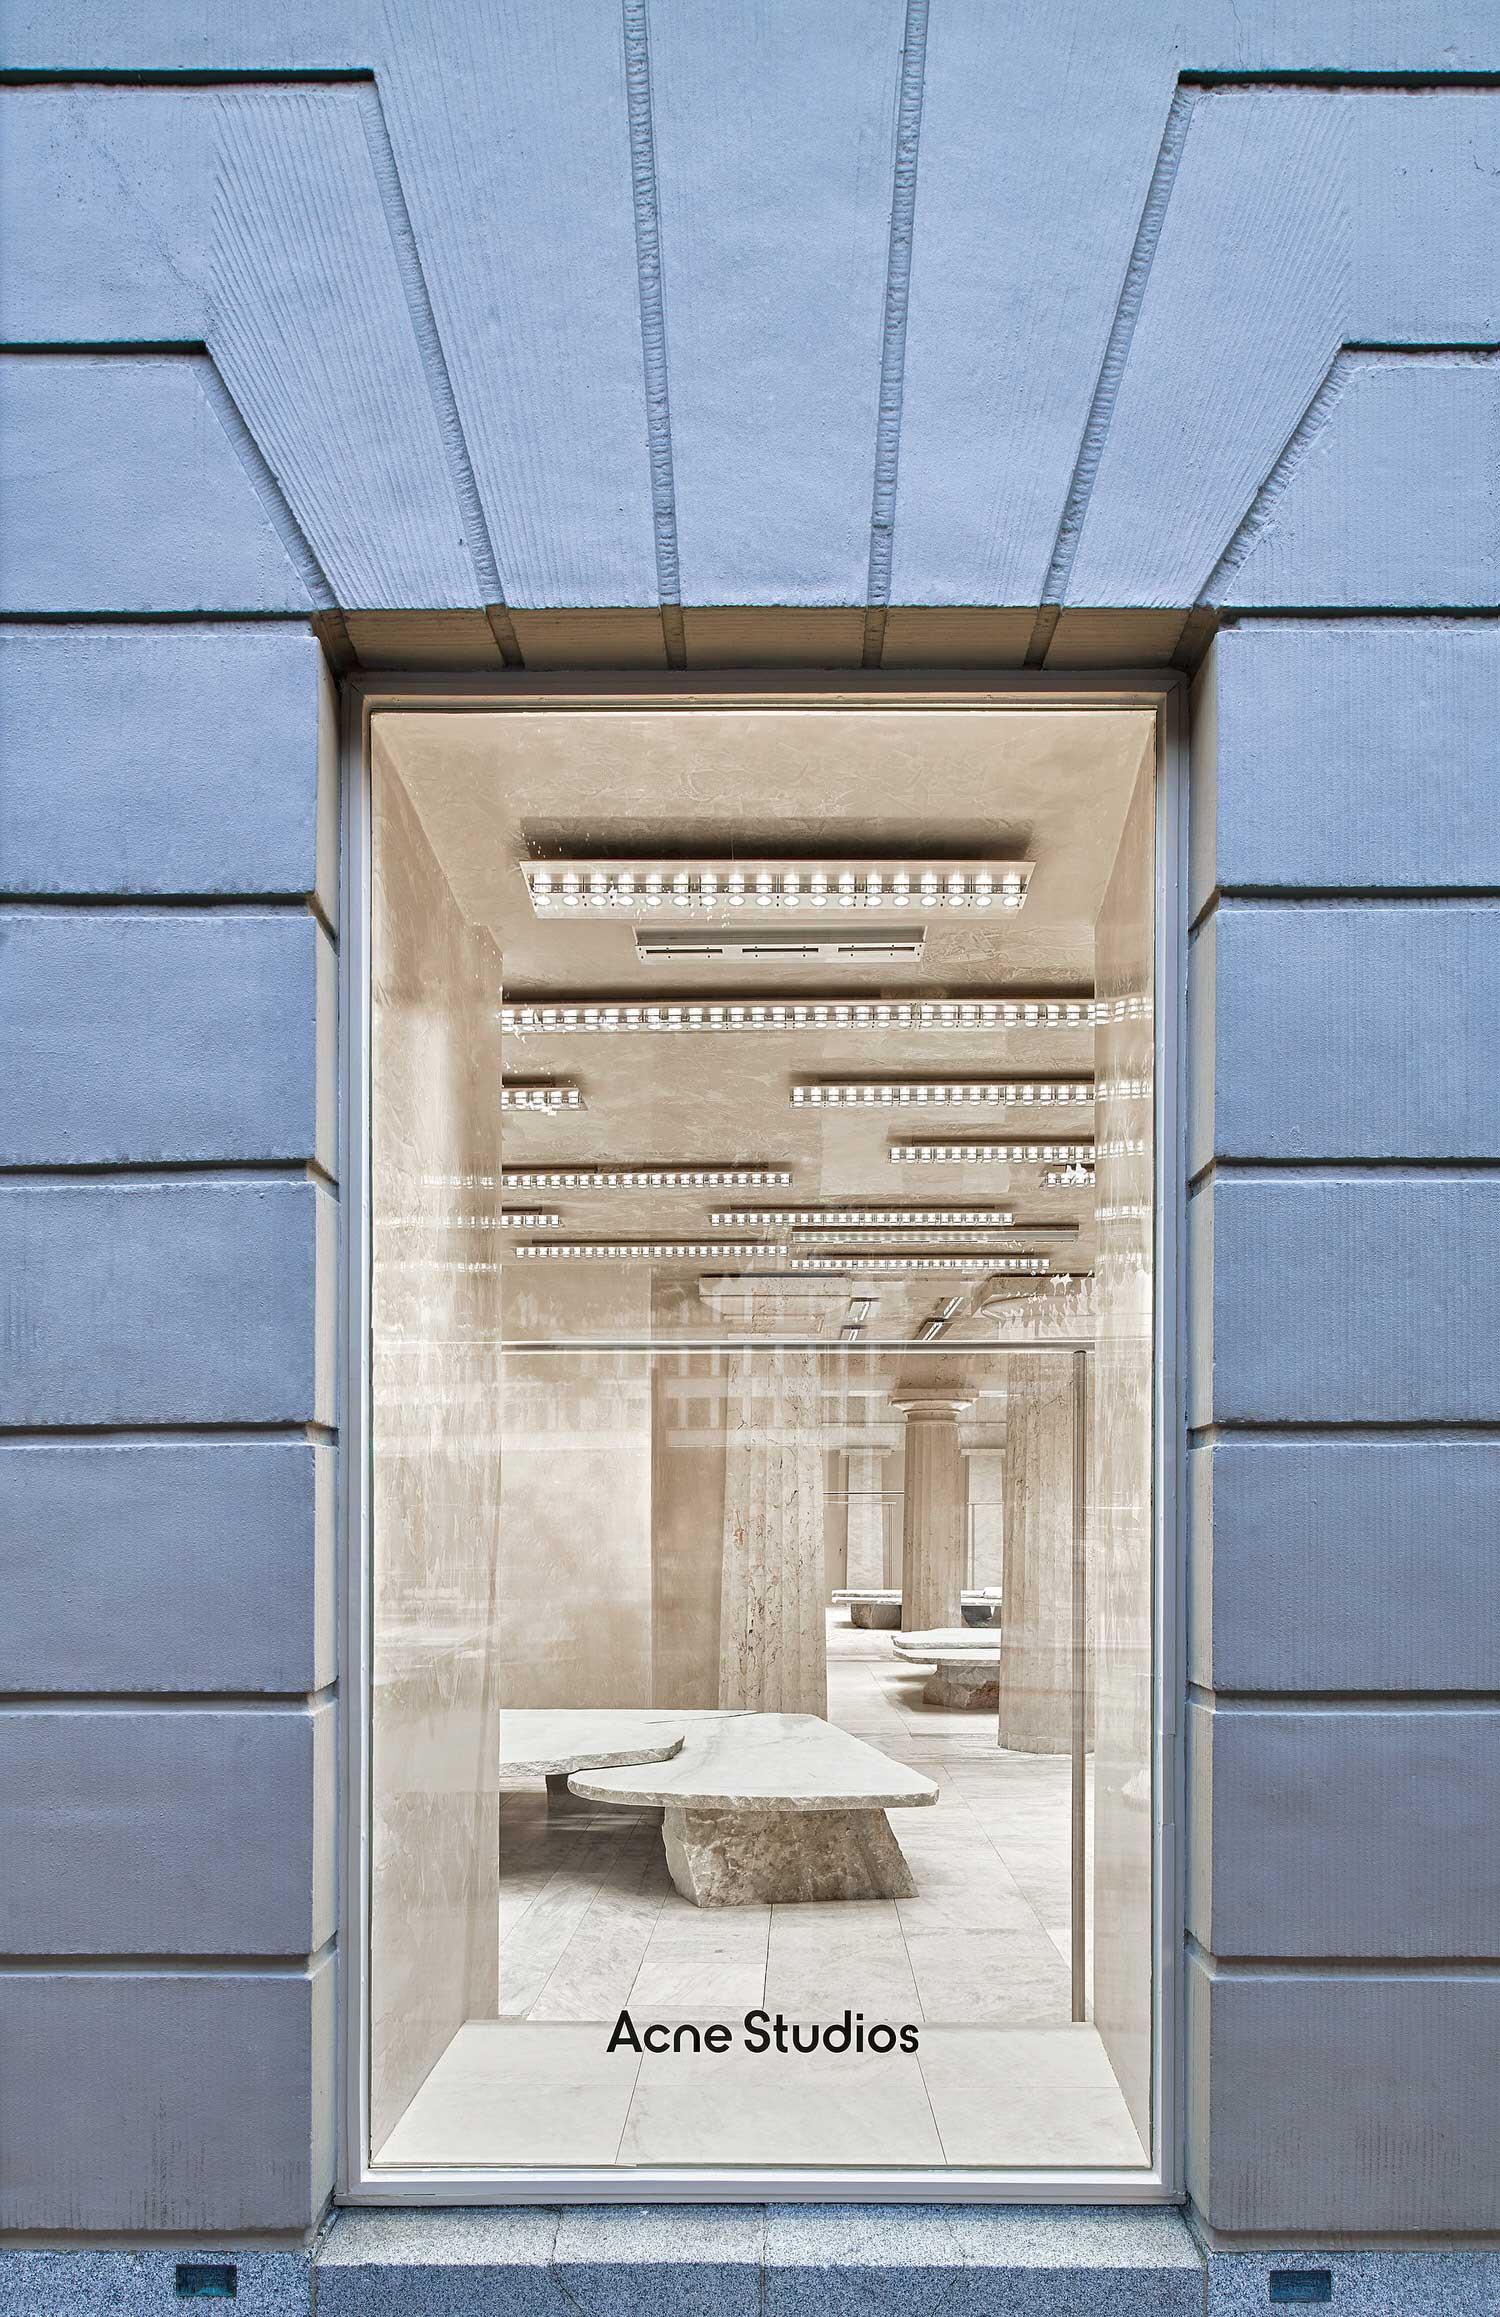 Arquitectura G Acne Studios Flagship Stockholm Fashion Retail Photo Jose Hevia | Yellowtrace